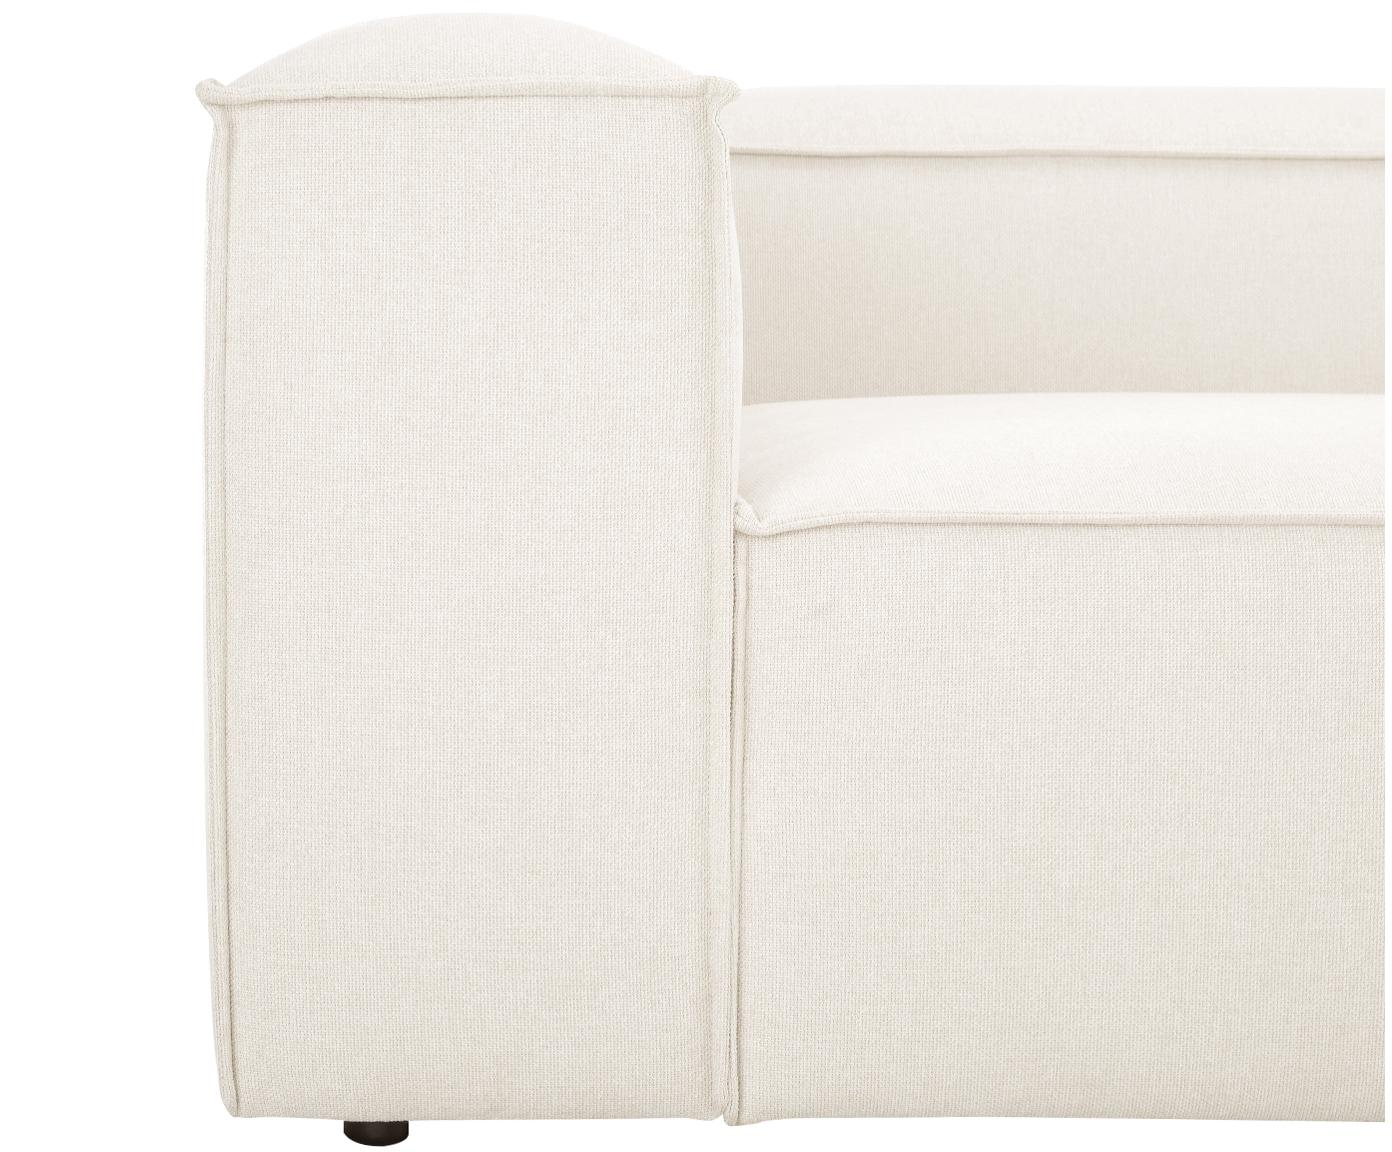 Modulaire XL chaise longue Lennon, Bekleding: polyester, Frame: massief grenenhout, multi, Poten: kunststof, Beige, B 357 x D 119 cm